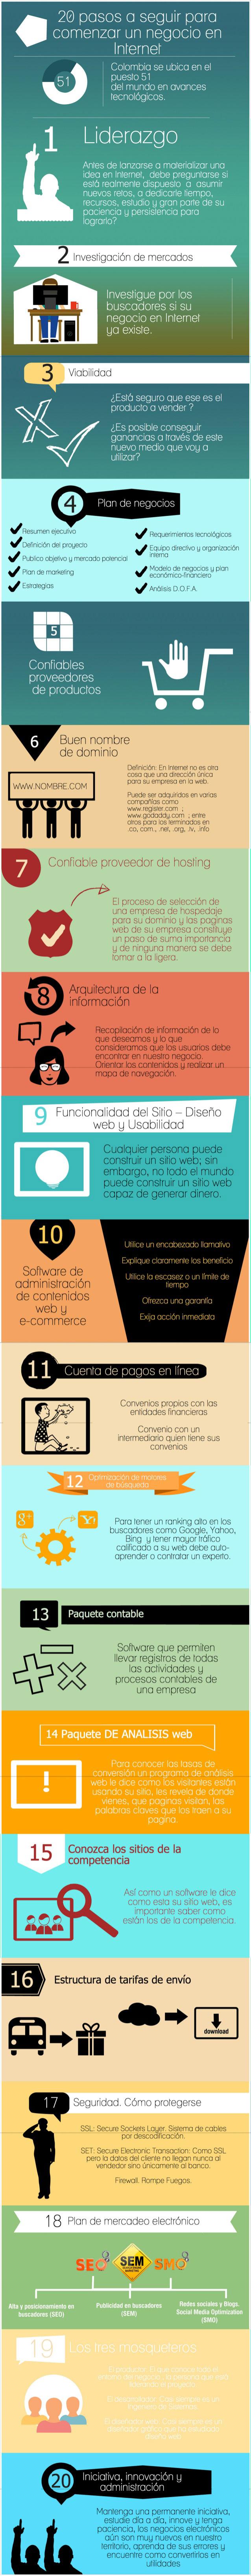 infografia-20-pasos-para-crear-un-negocio-en-internet